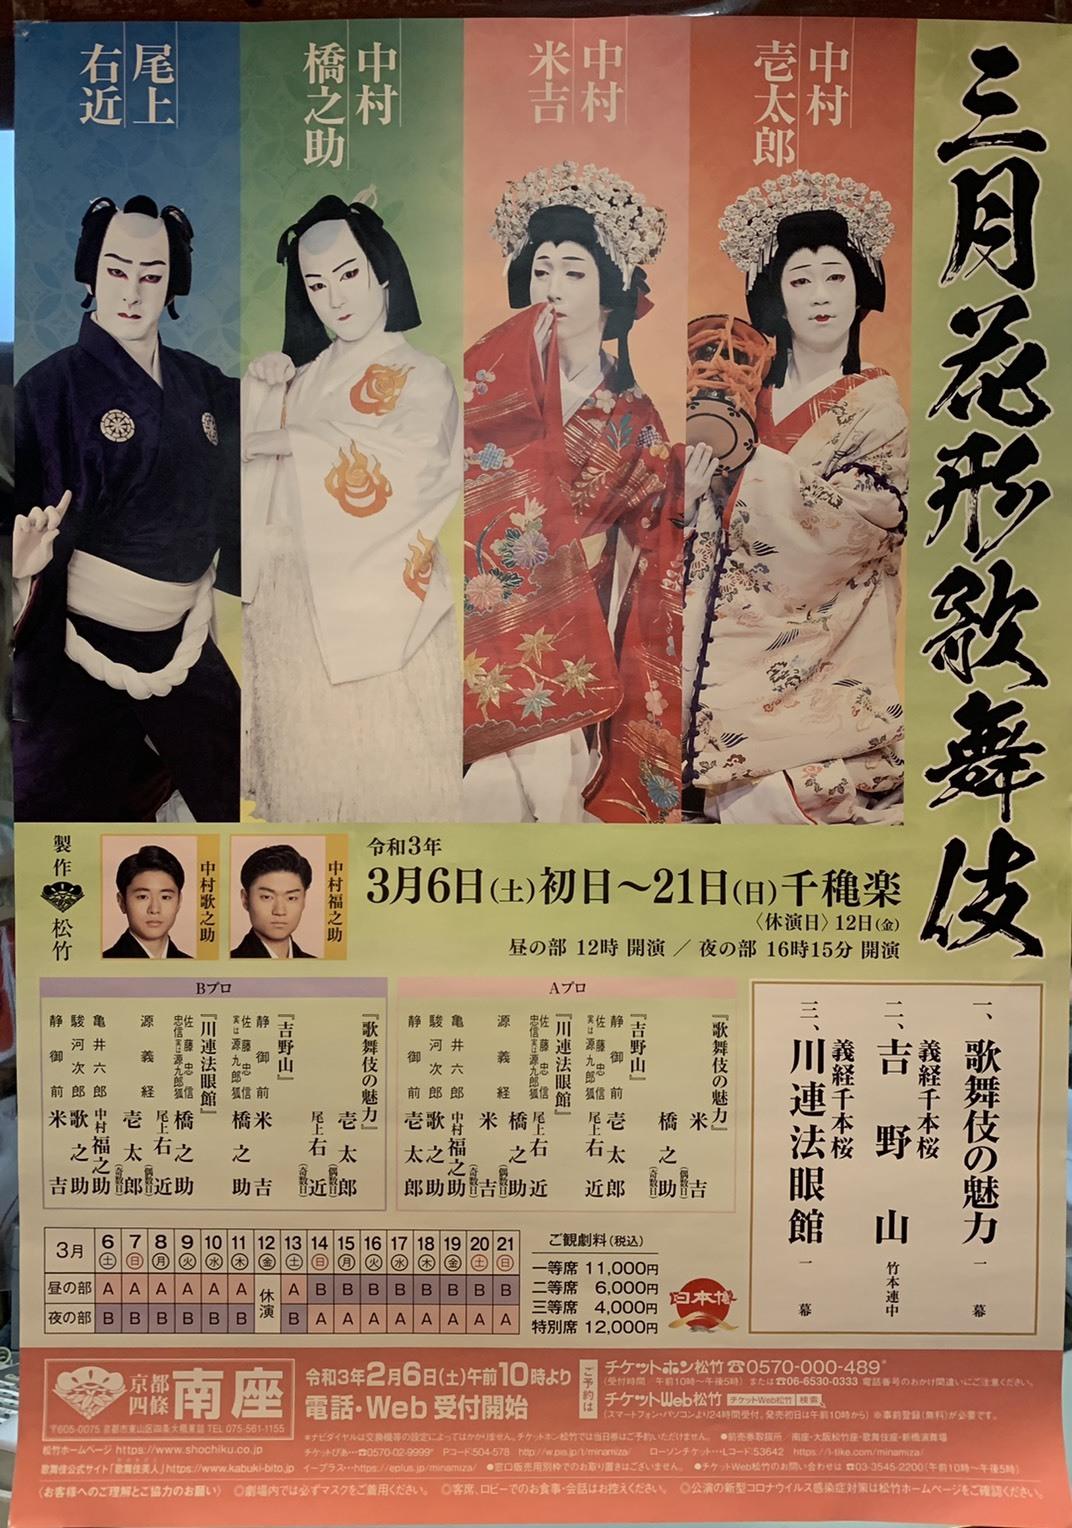 南座 3月花形歌舞伎開演_d0162300_17143454.jpg